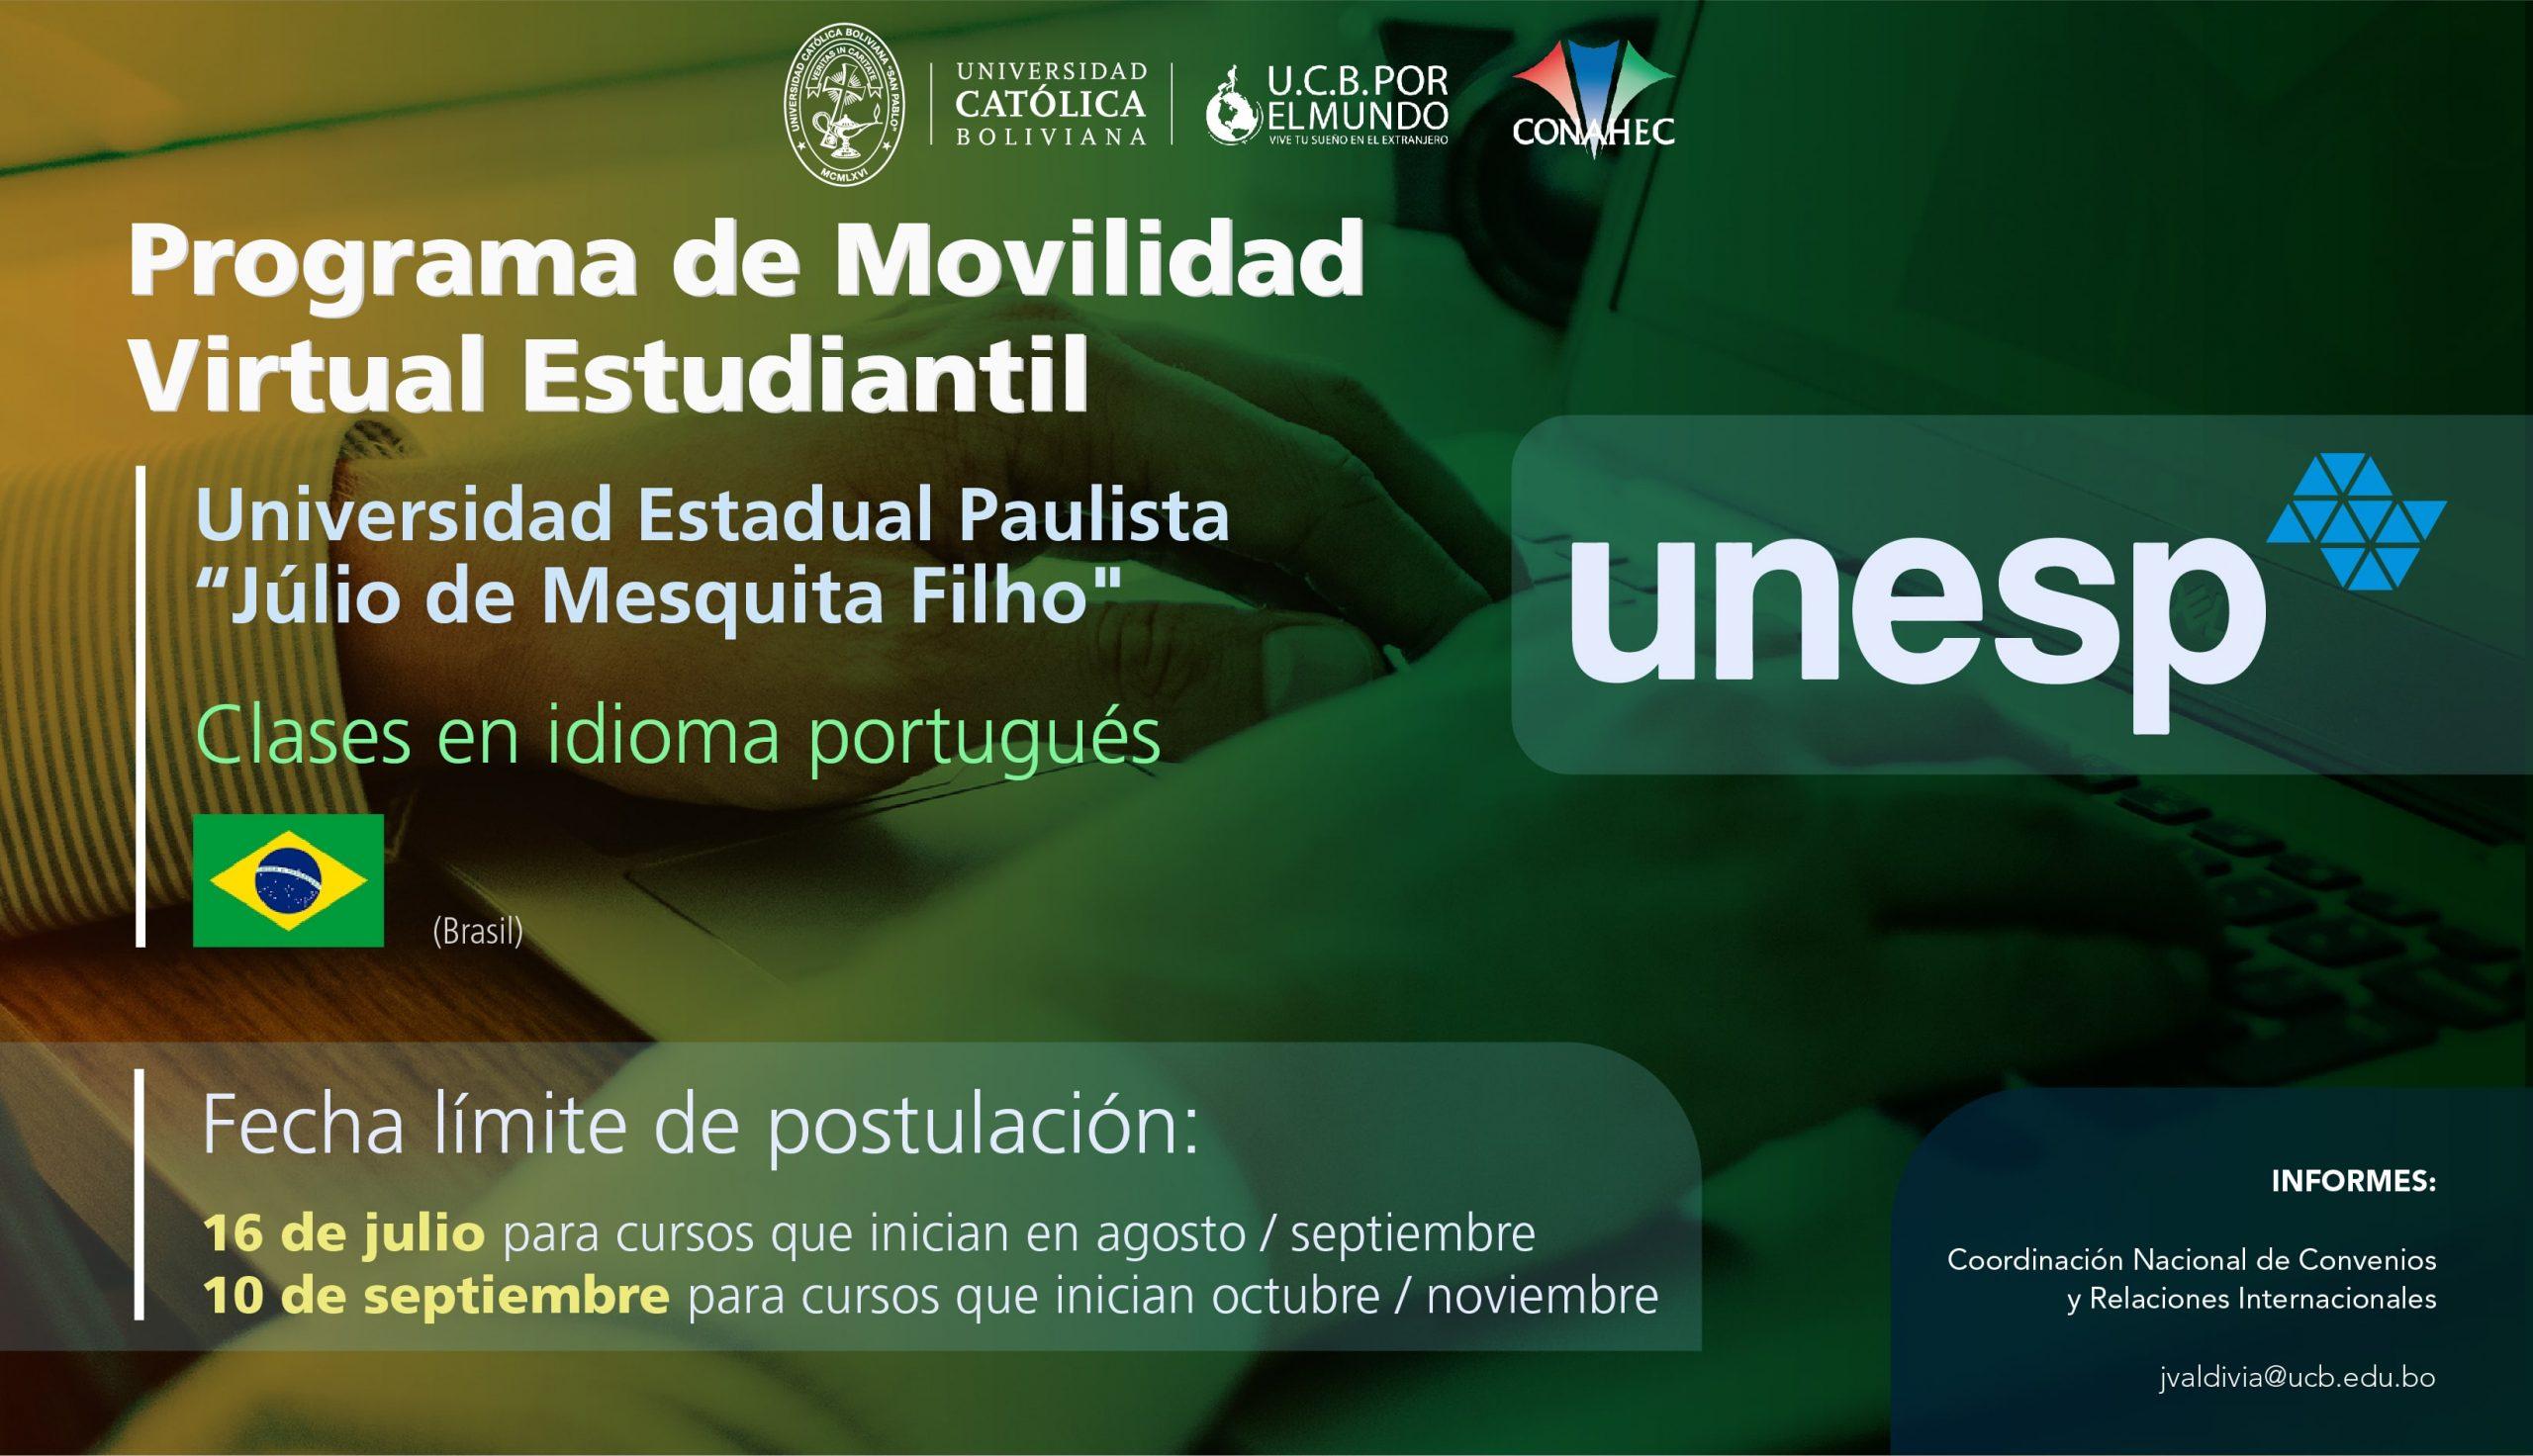 La Universidad Estadual Paulista de Brasil «Julio de Mesquita Filho» es parte del Programa de Movilidad Virtual Estudiantil UCB por el Mundo.